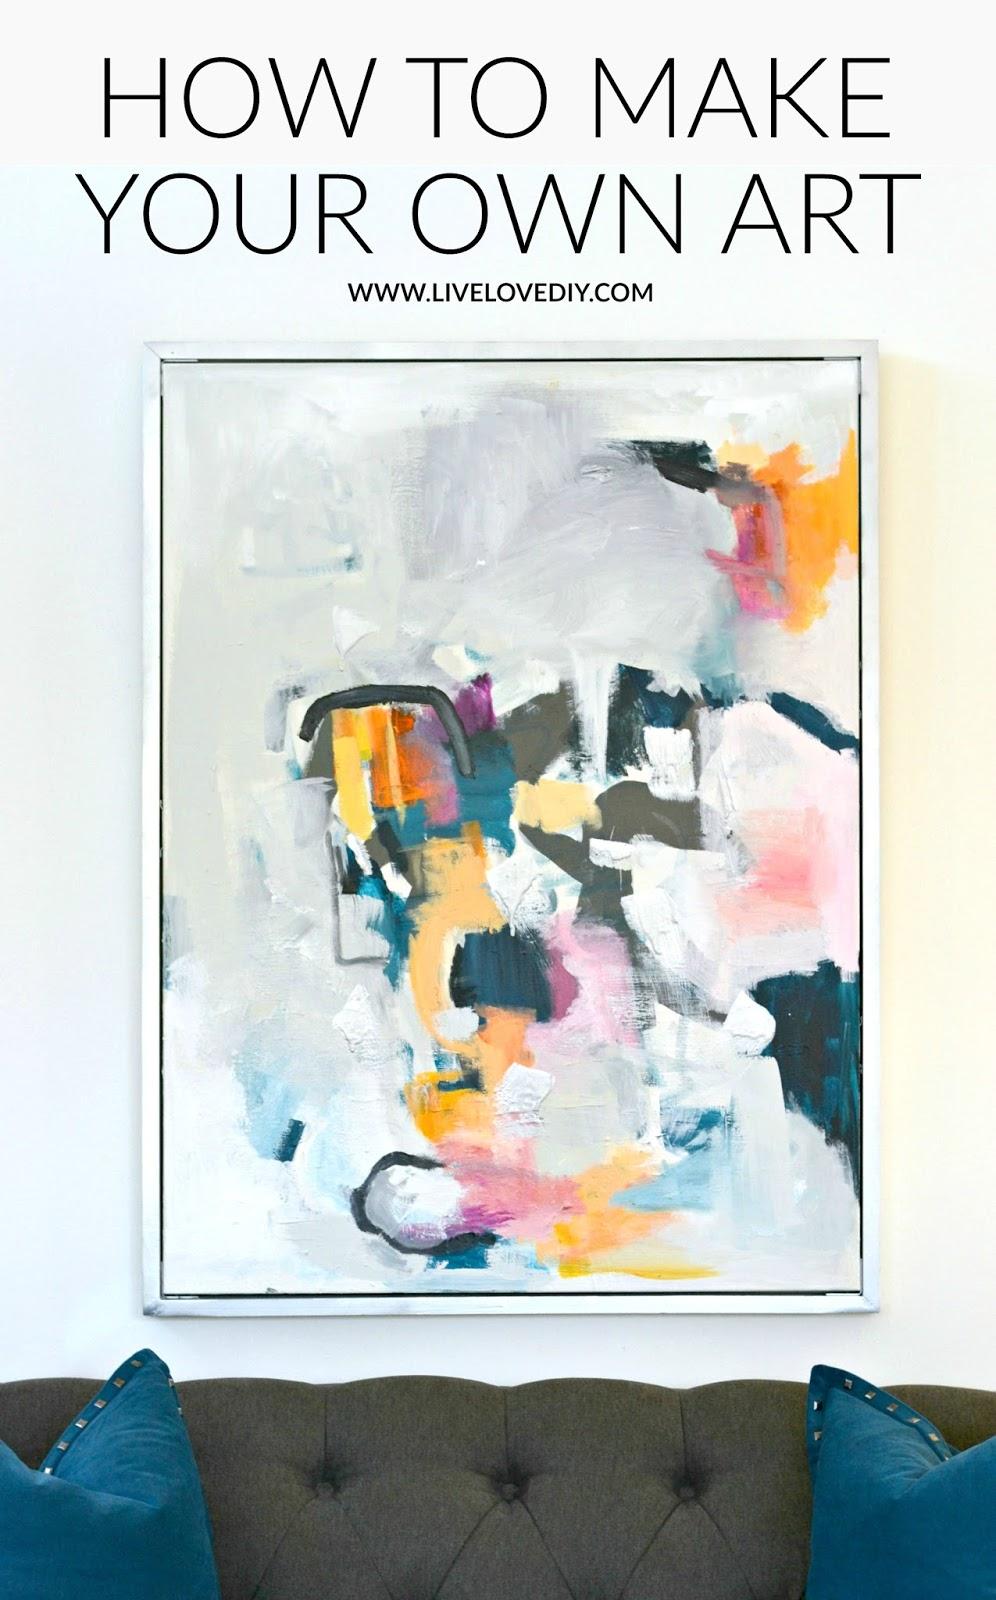 DIY Abstract Wall Art | LiveLoveDIY | Bloglovin'